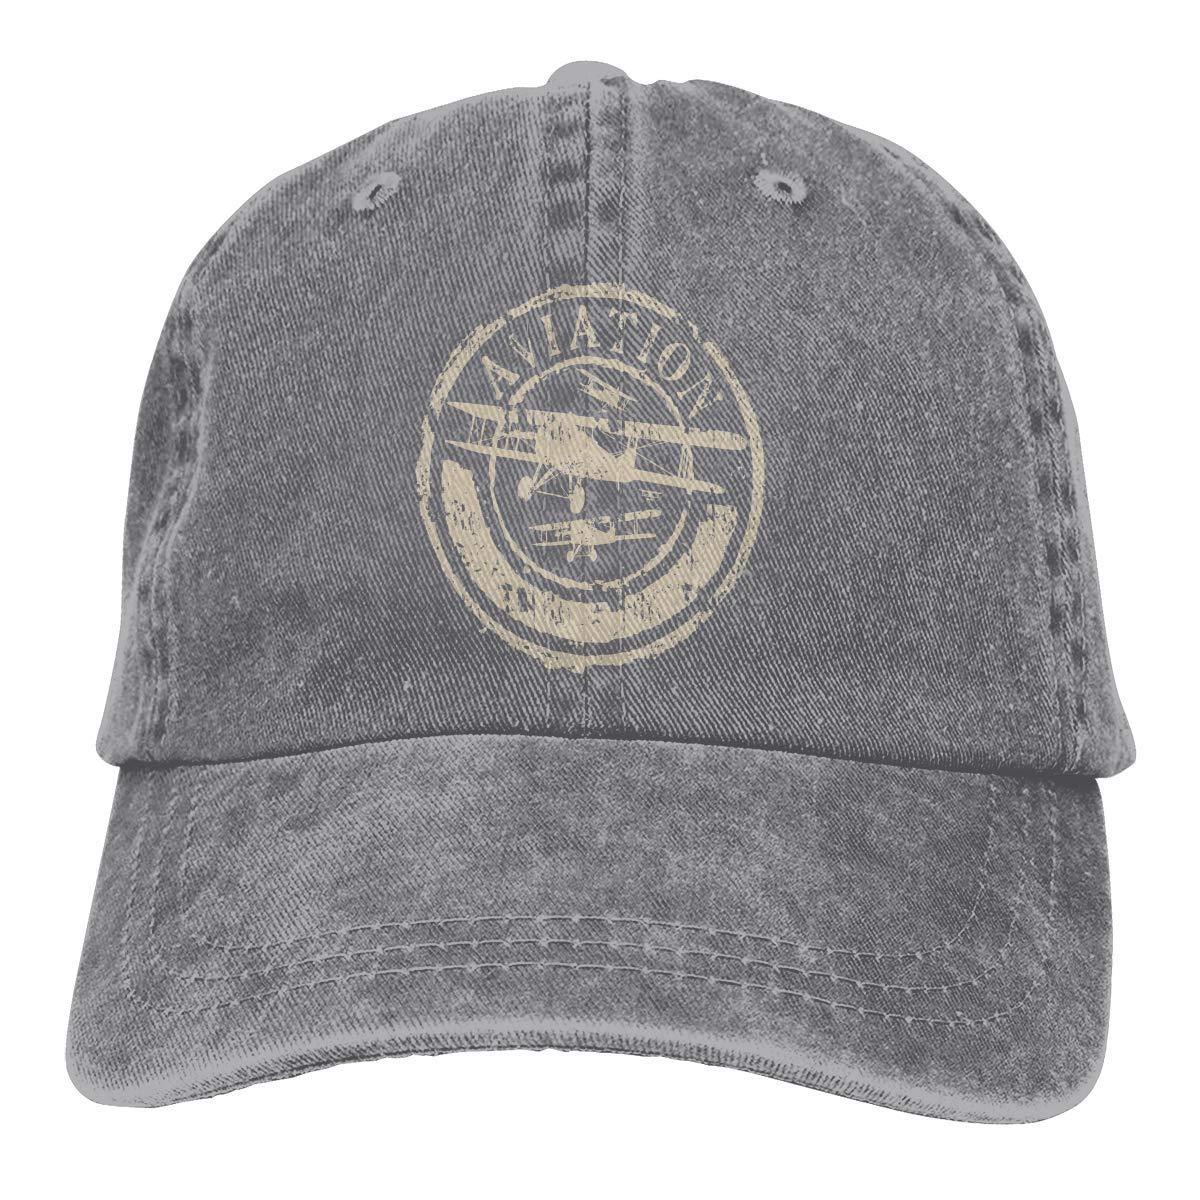 Xdevrbk Aviación Avión Unisex Washed Fashion Cowboy Hat Denim ...